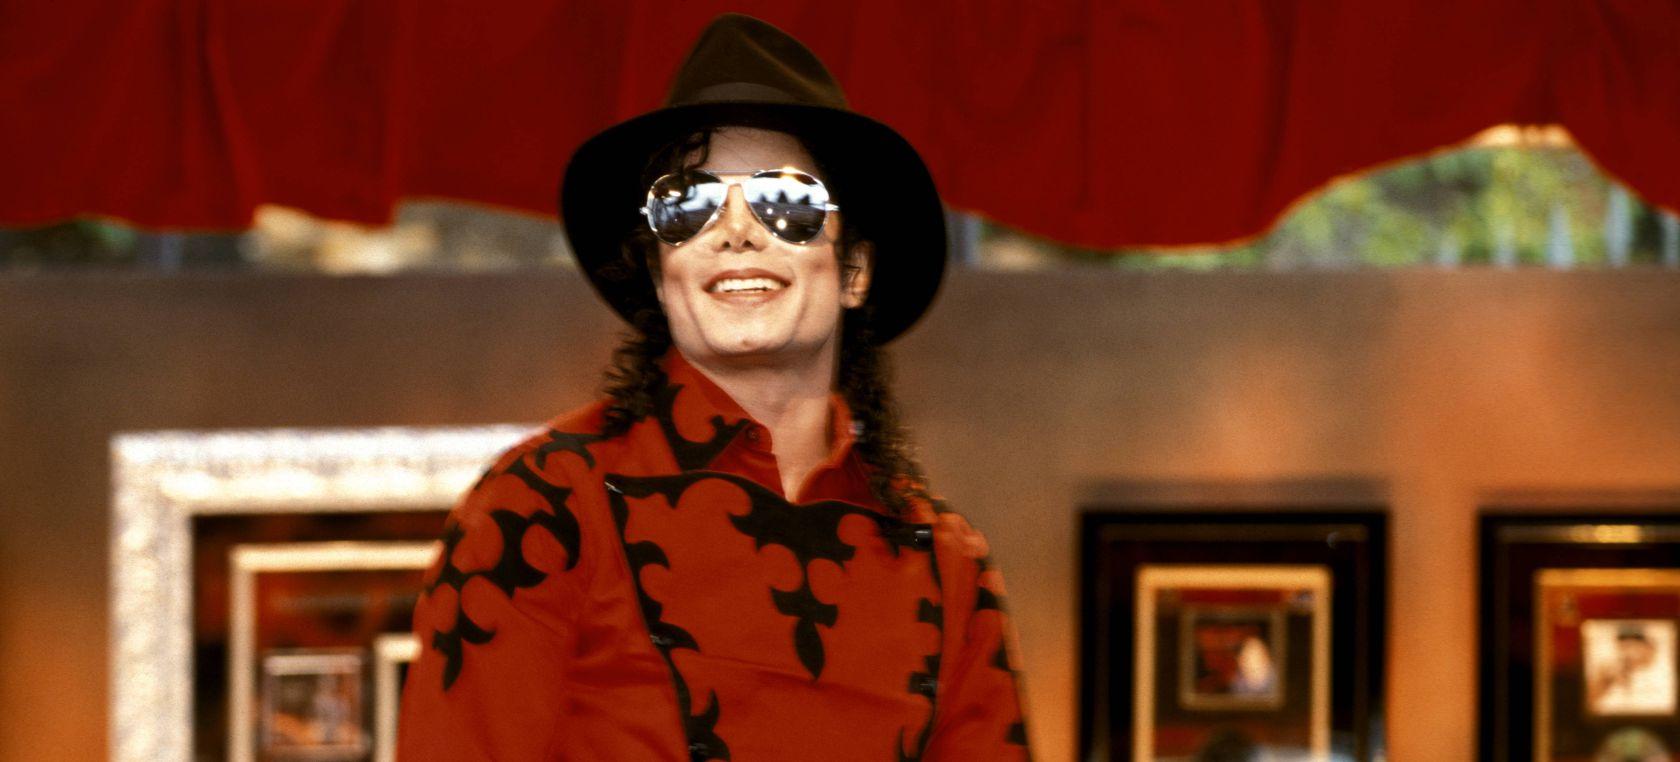 La película de Disney que rechazó a Michael Jackson para su banda sonora